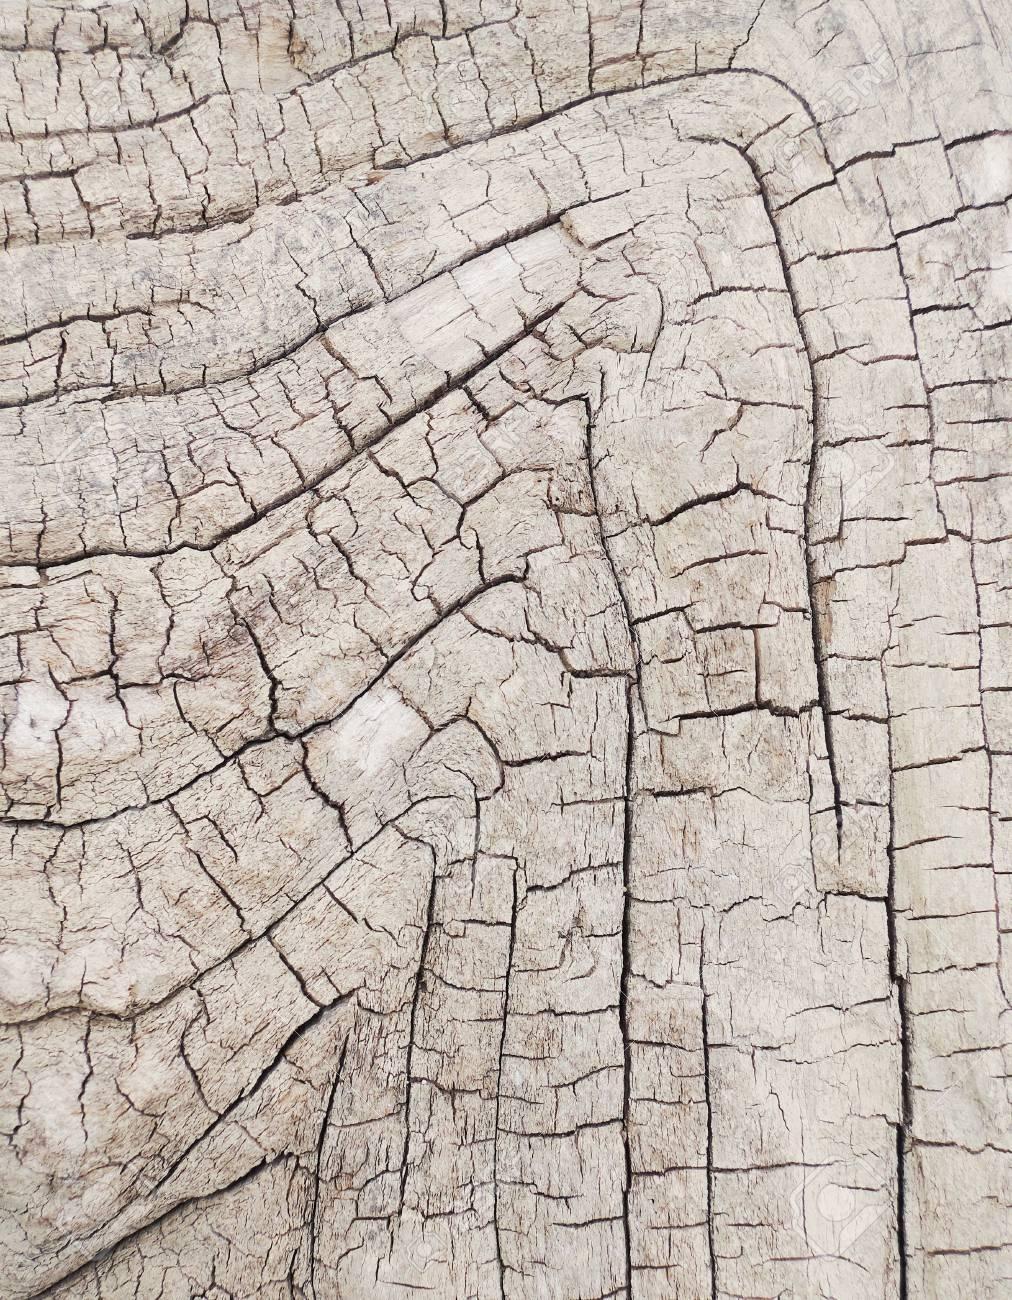 tree bark texture Stock Photo - 20776819